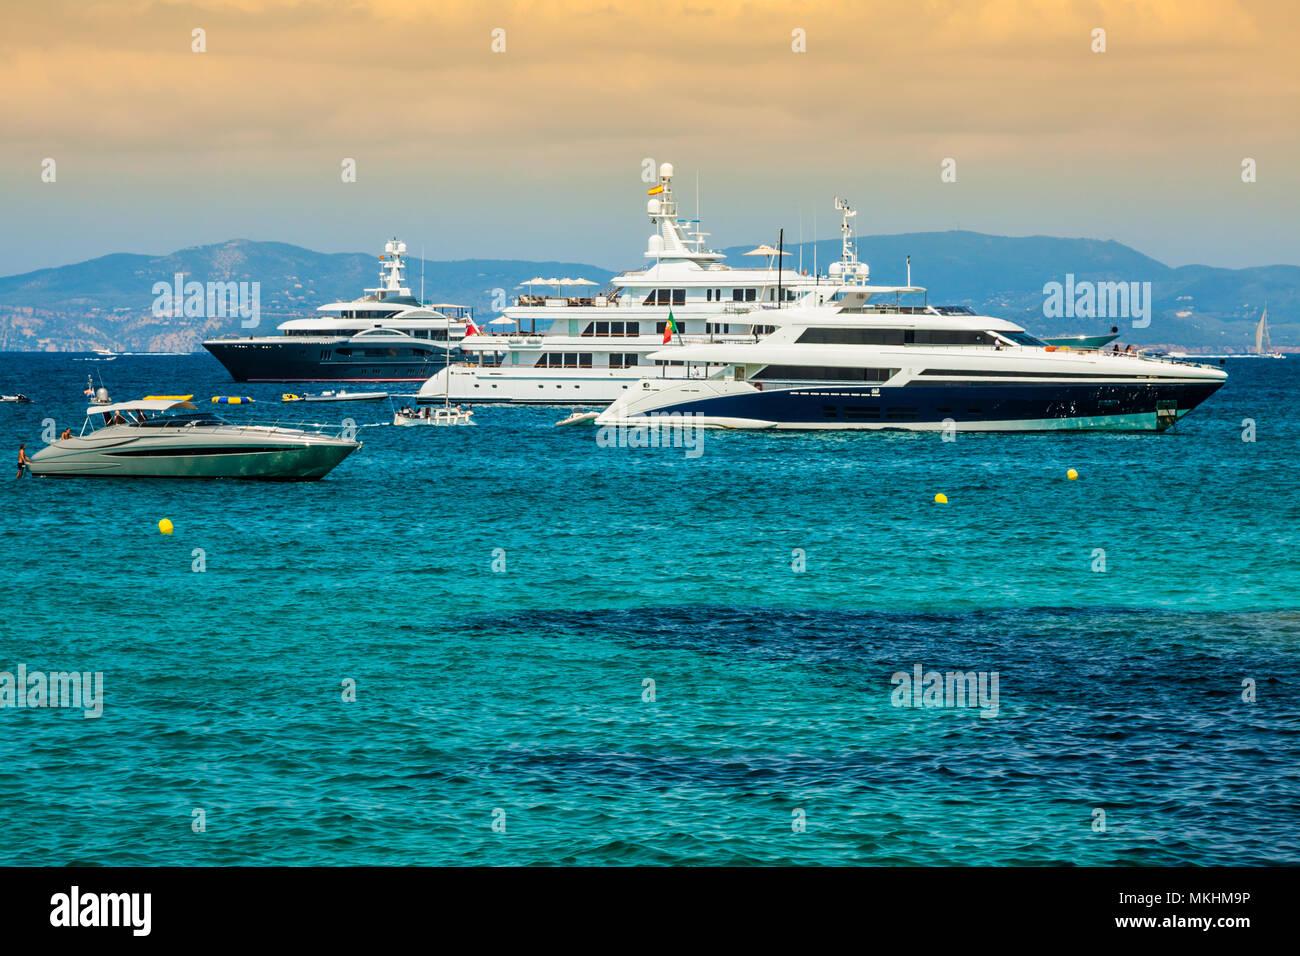 Luxus-Yachten in Türkis Strand von Formentera Illetes Stockbild